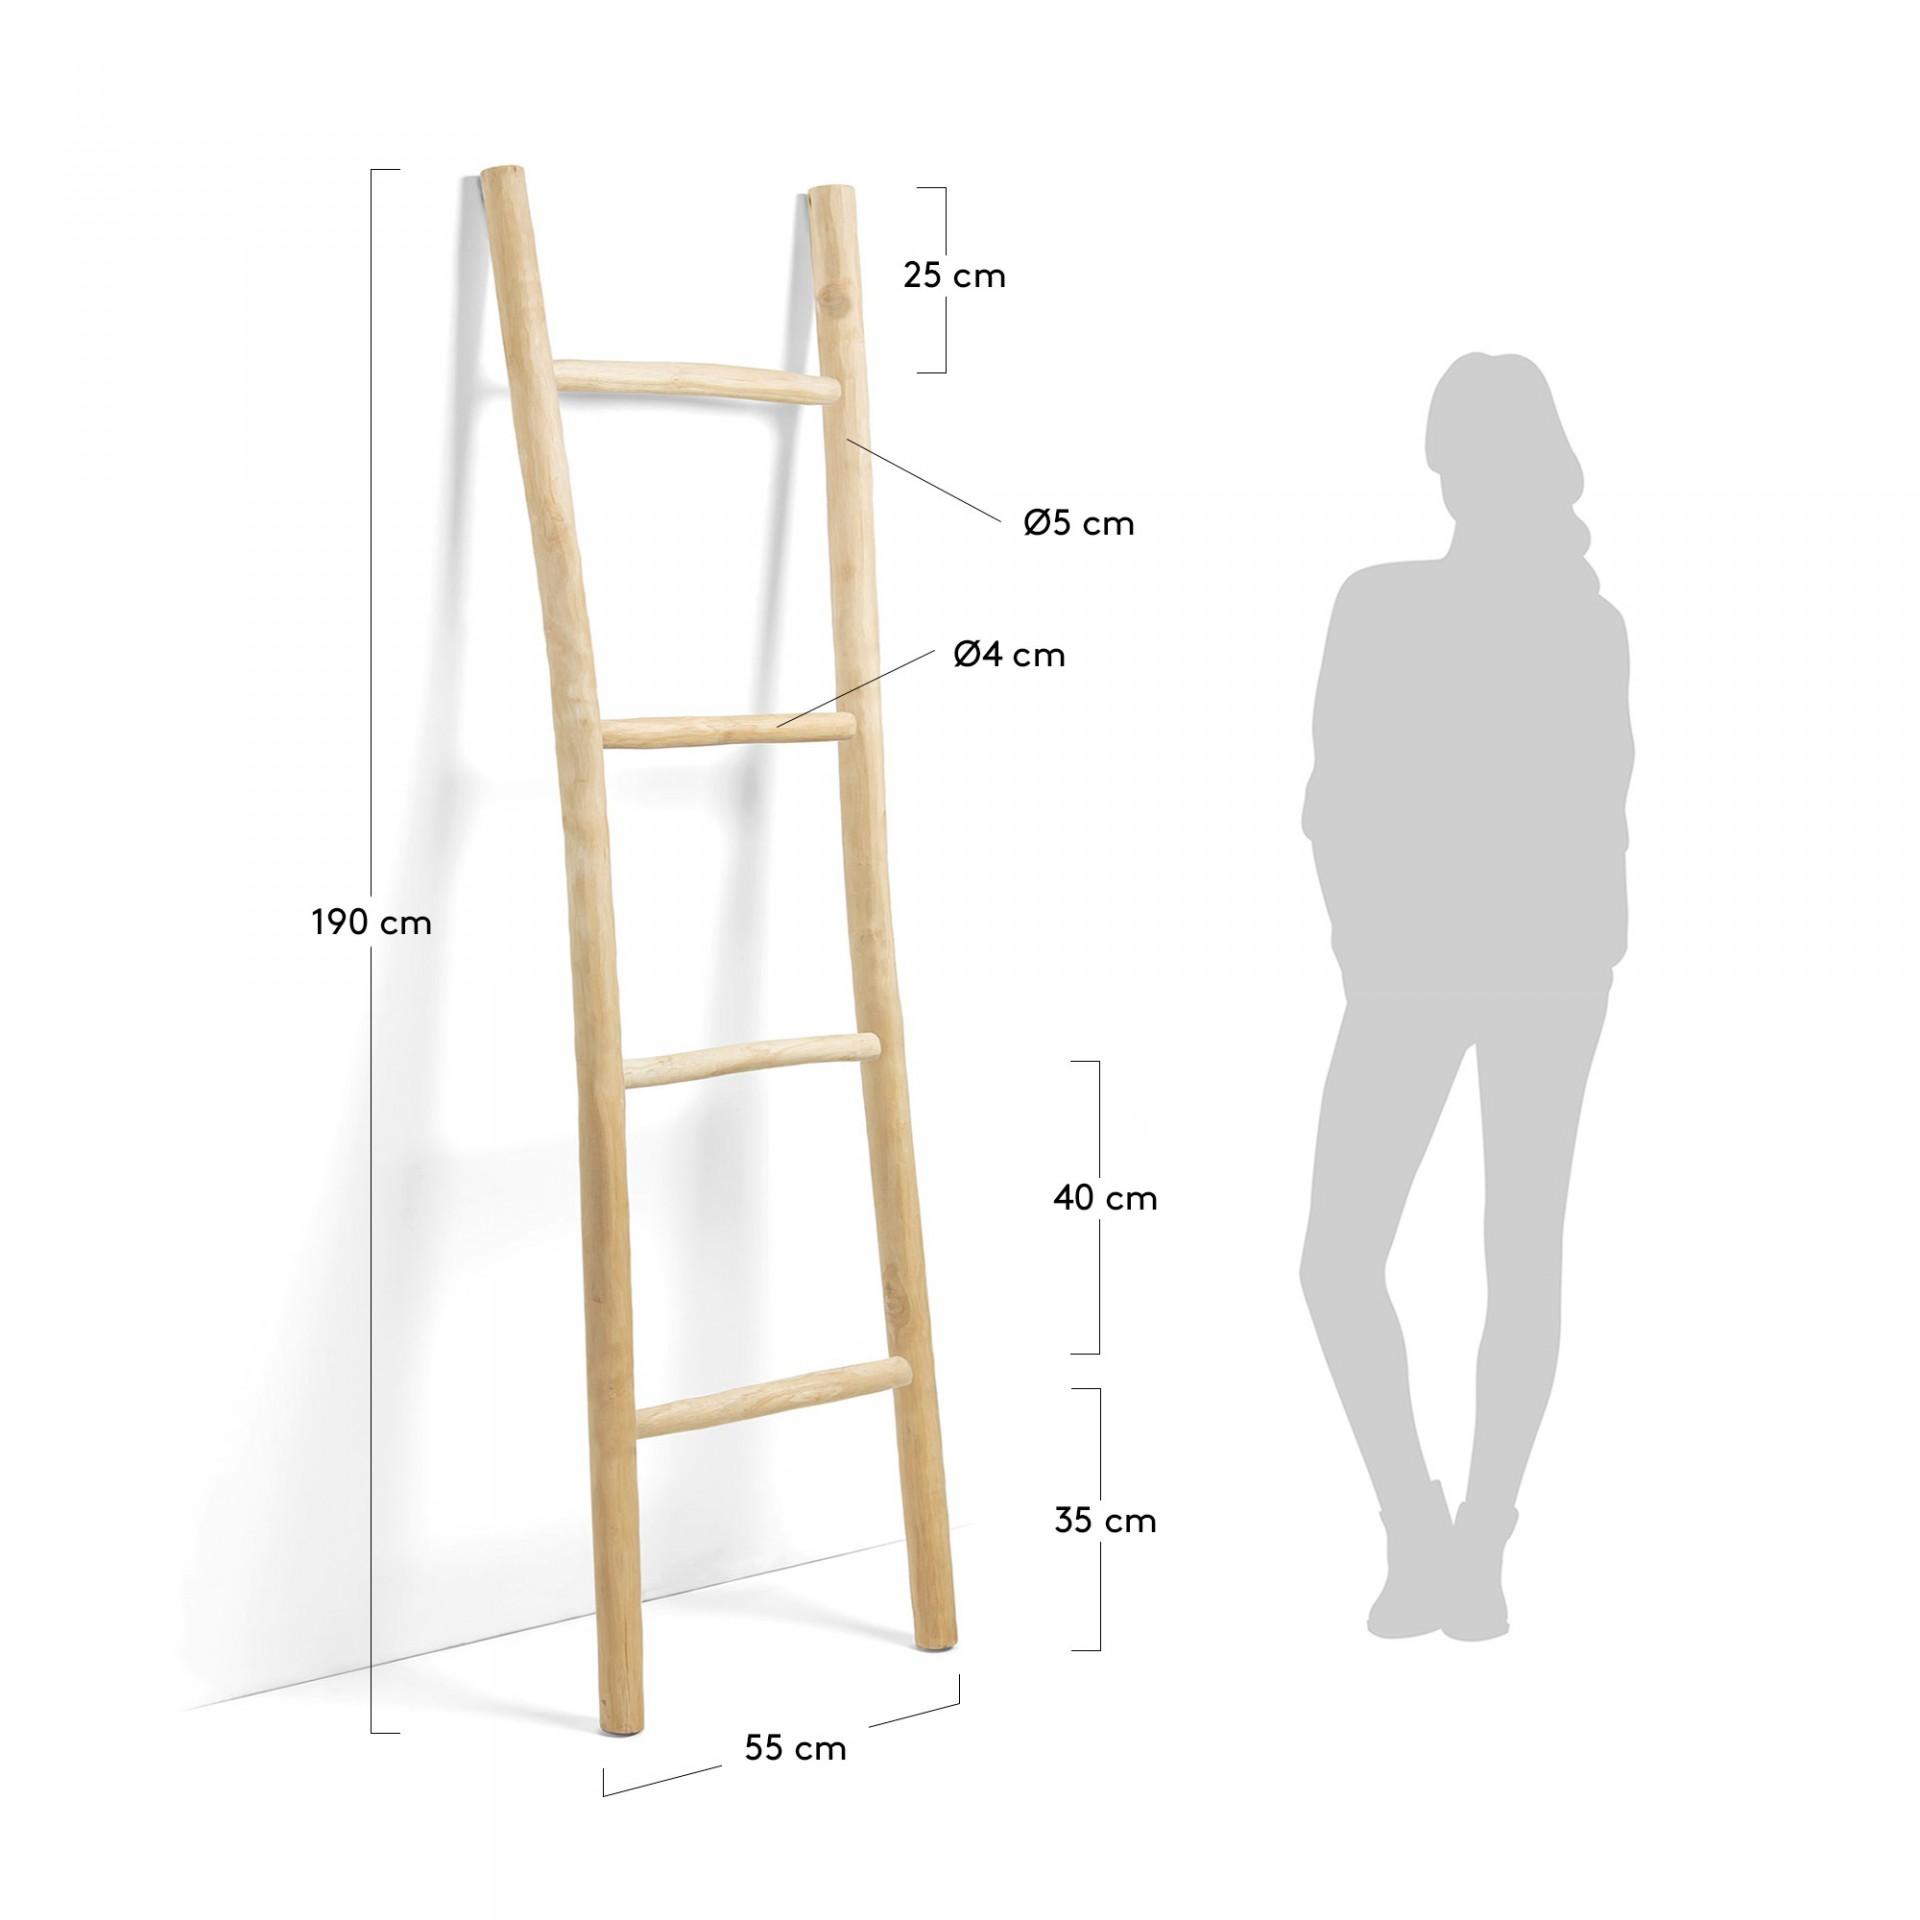 Escada decorativa Magui, madeira de teca natural, 55x190